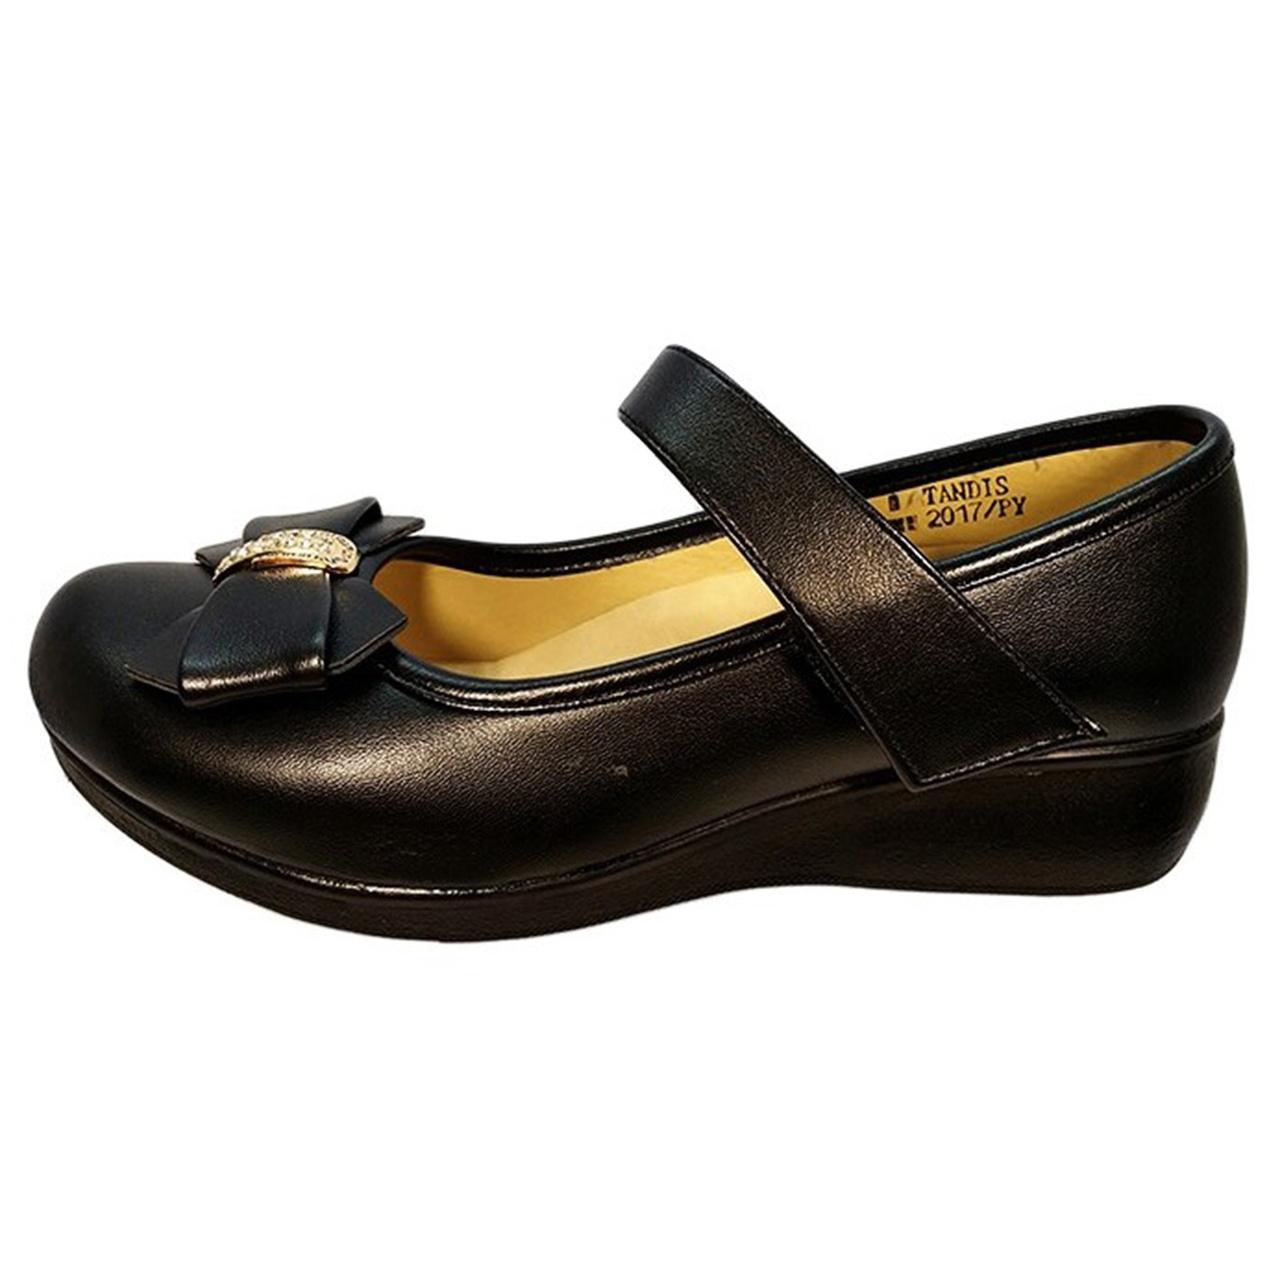 کفش بچگانه تندیس مدل TANDIS_BDM02